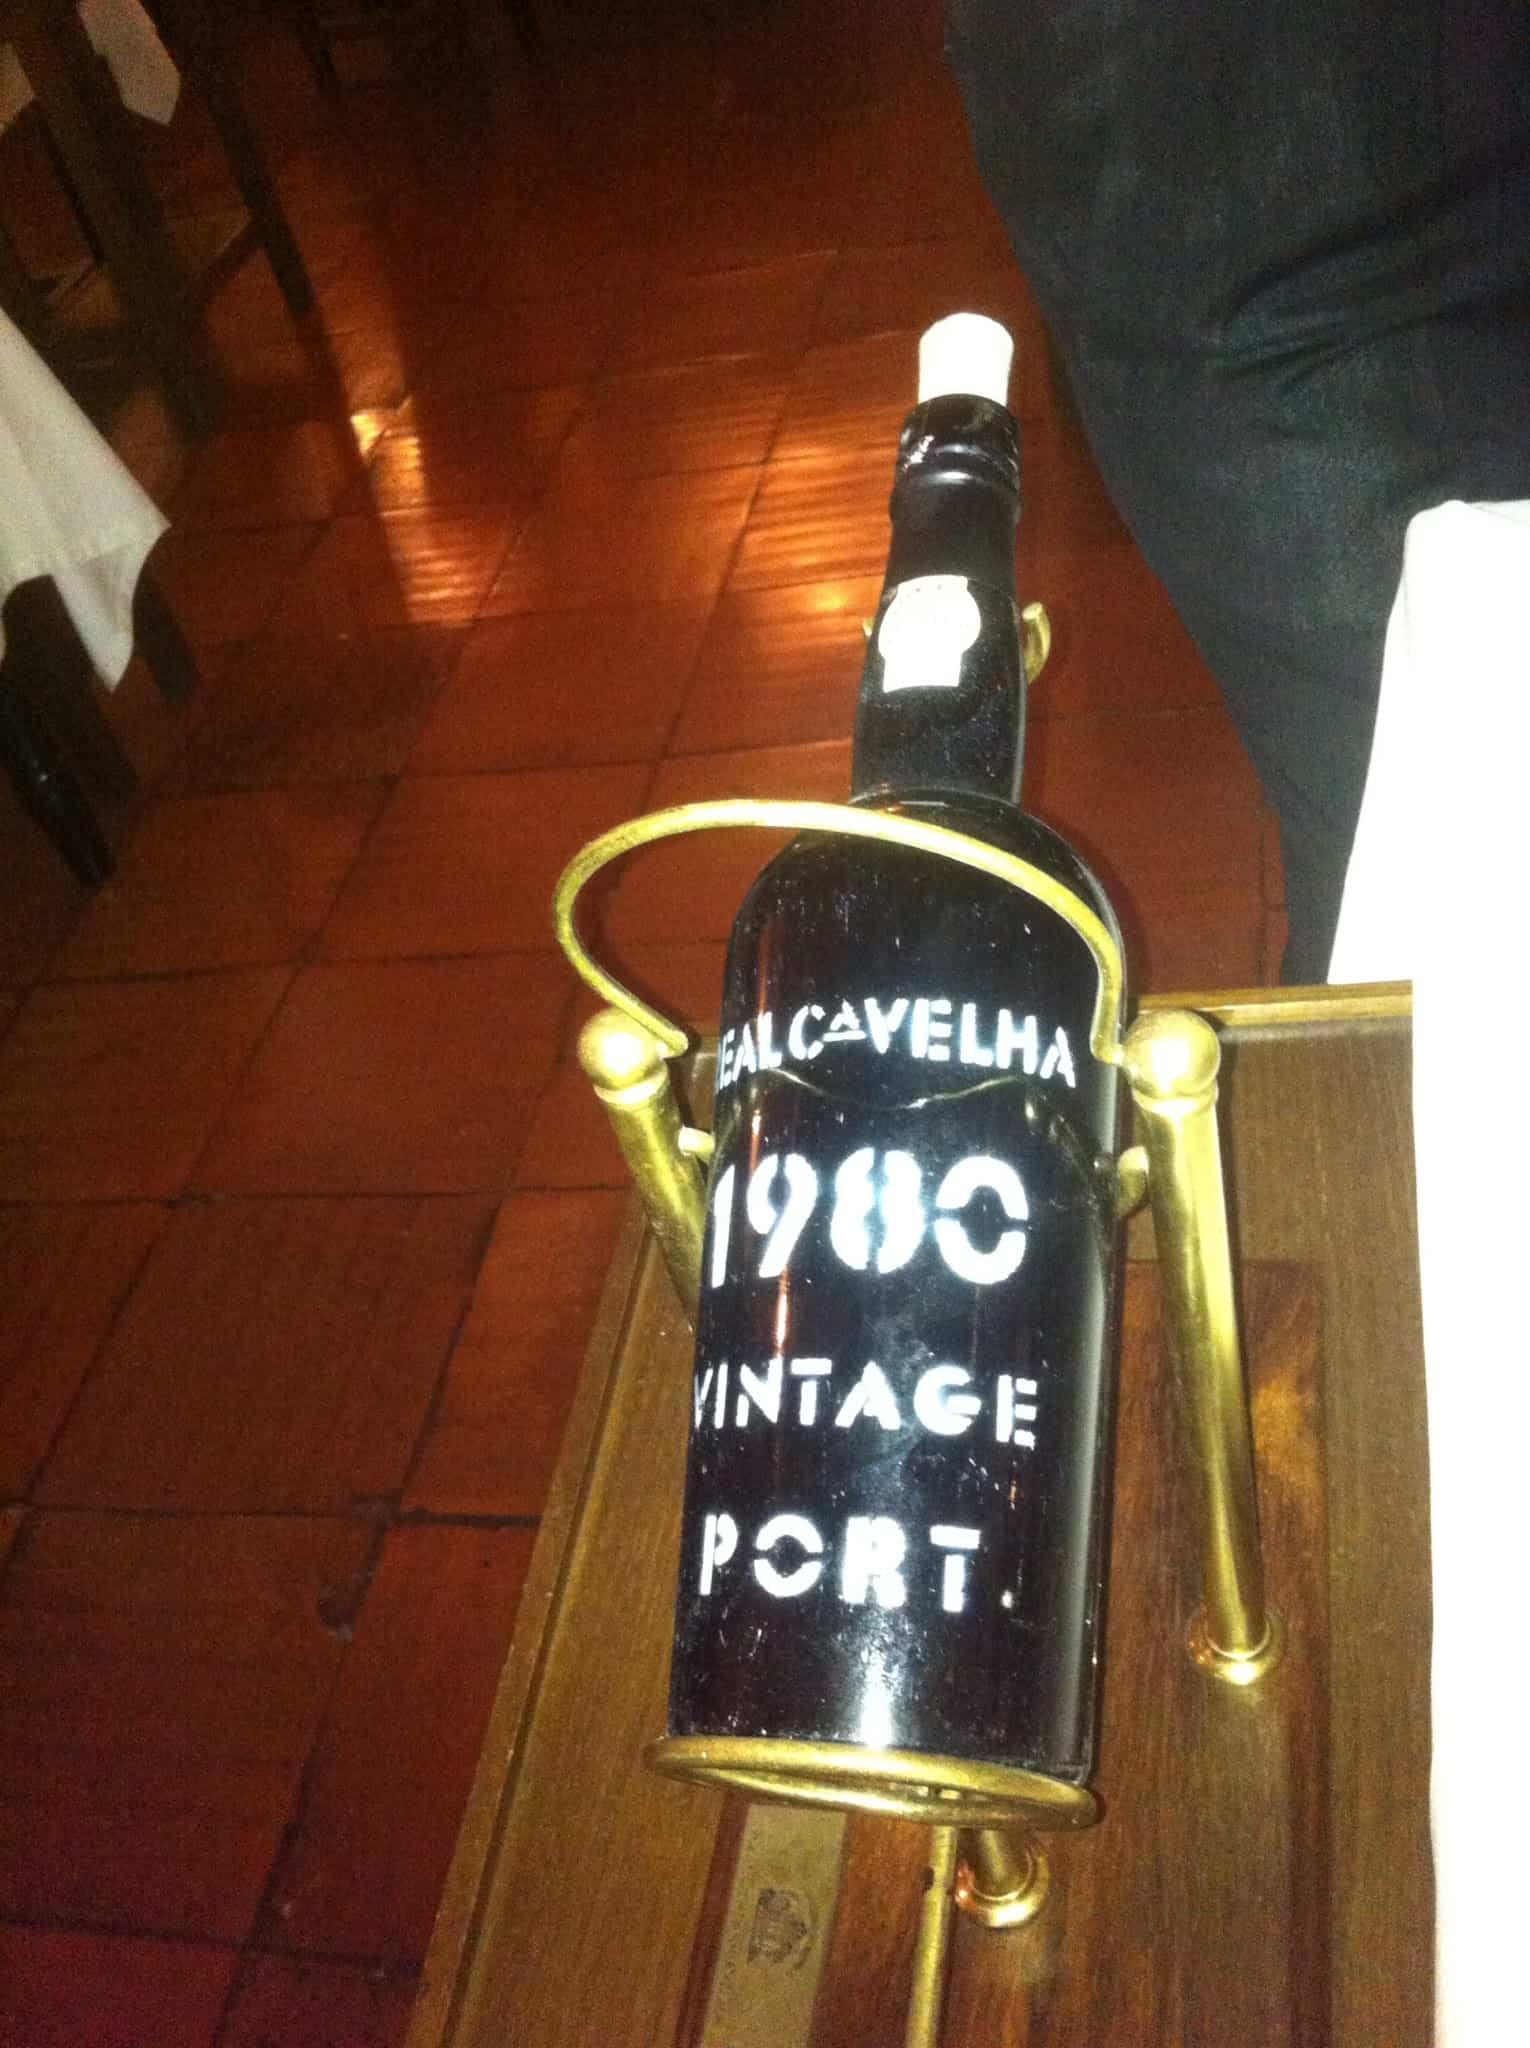 Vinho Vintage em Portugal